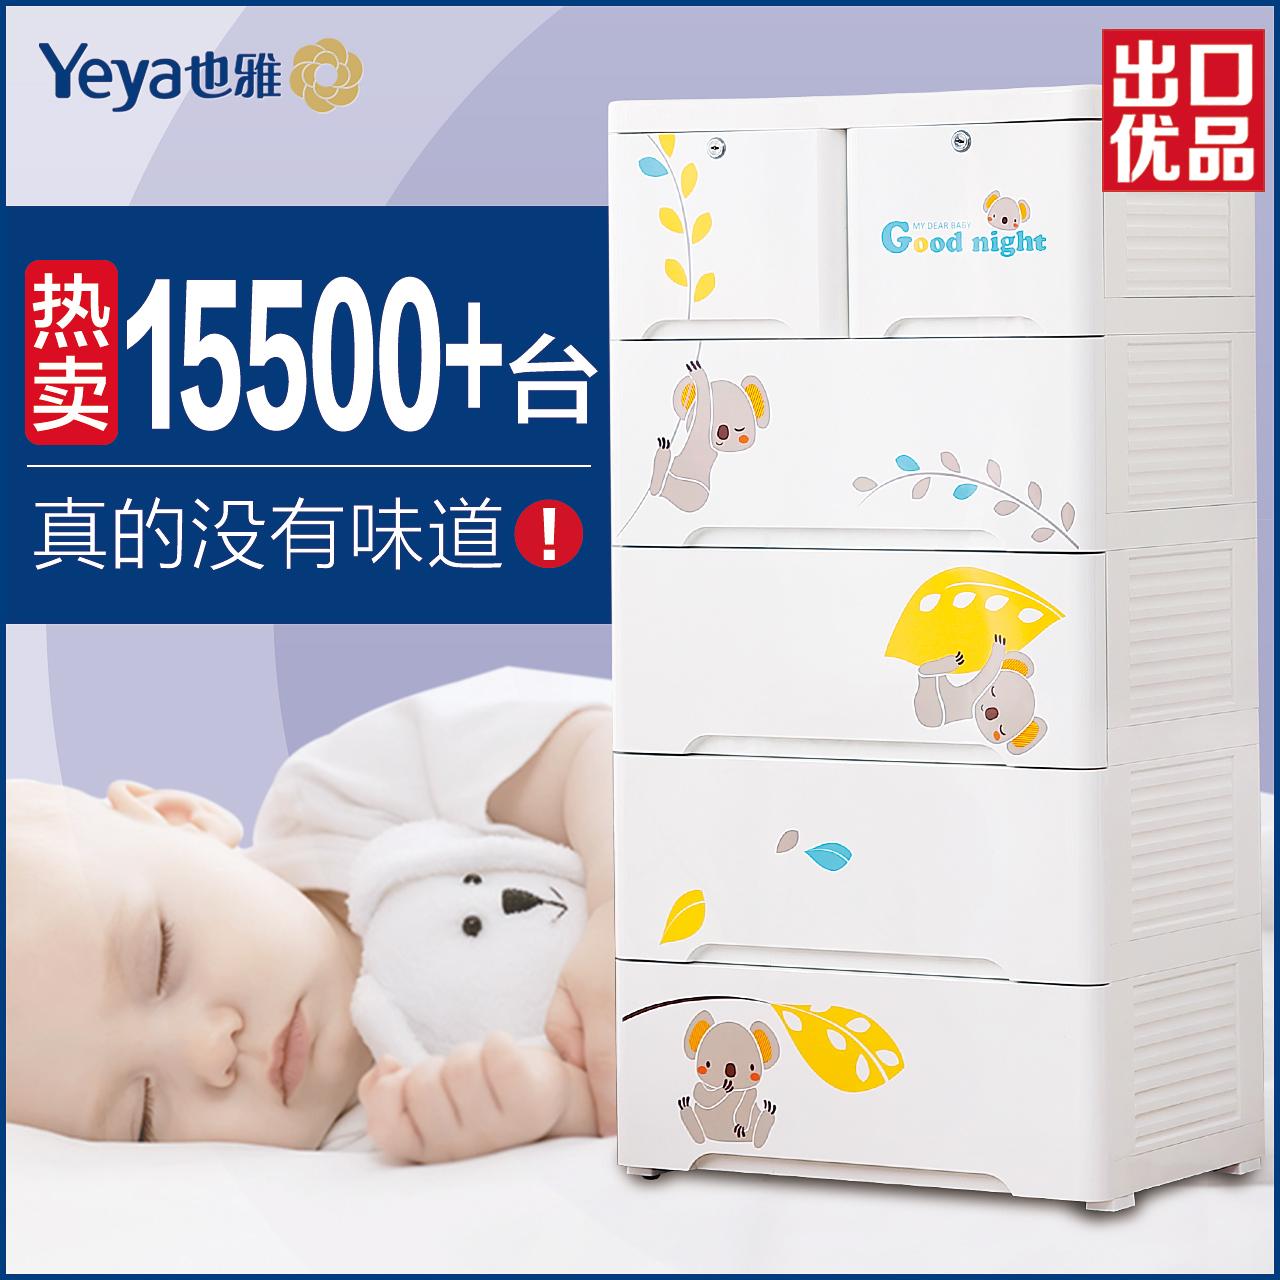 Yeya также элегантный ребенок ящик ребенок гардероб хранение кабинет пластик мультики хранение кабинет комод комод